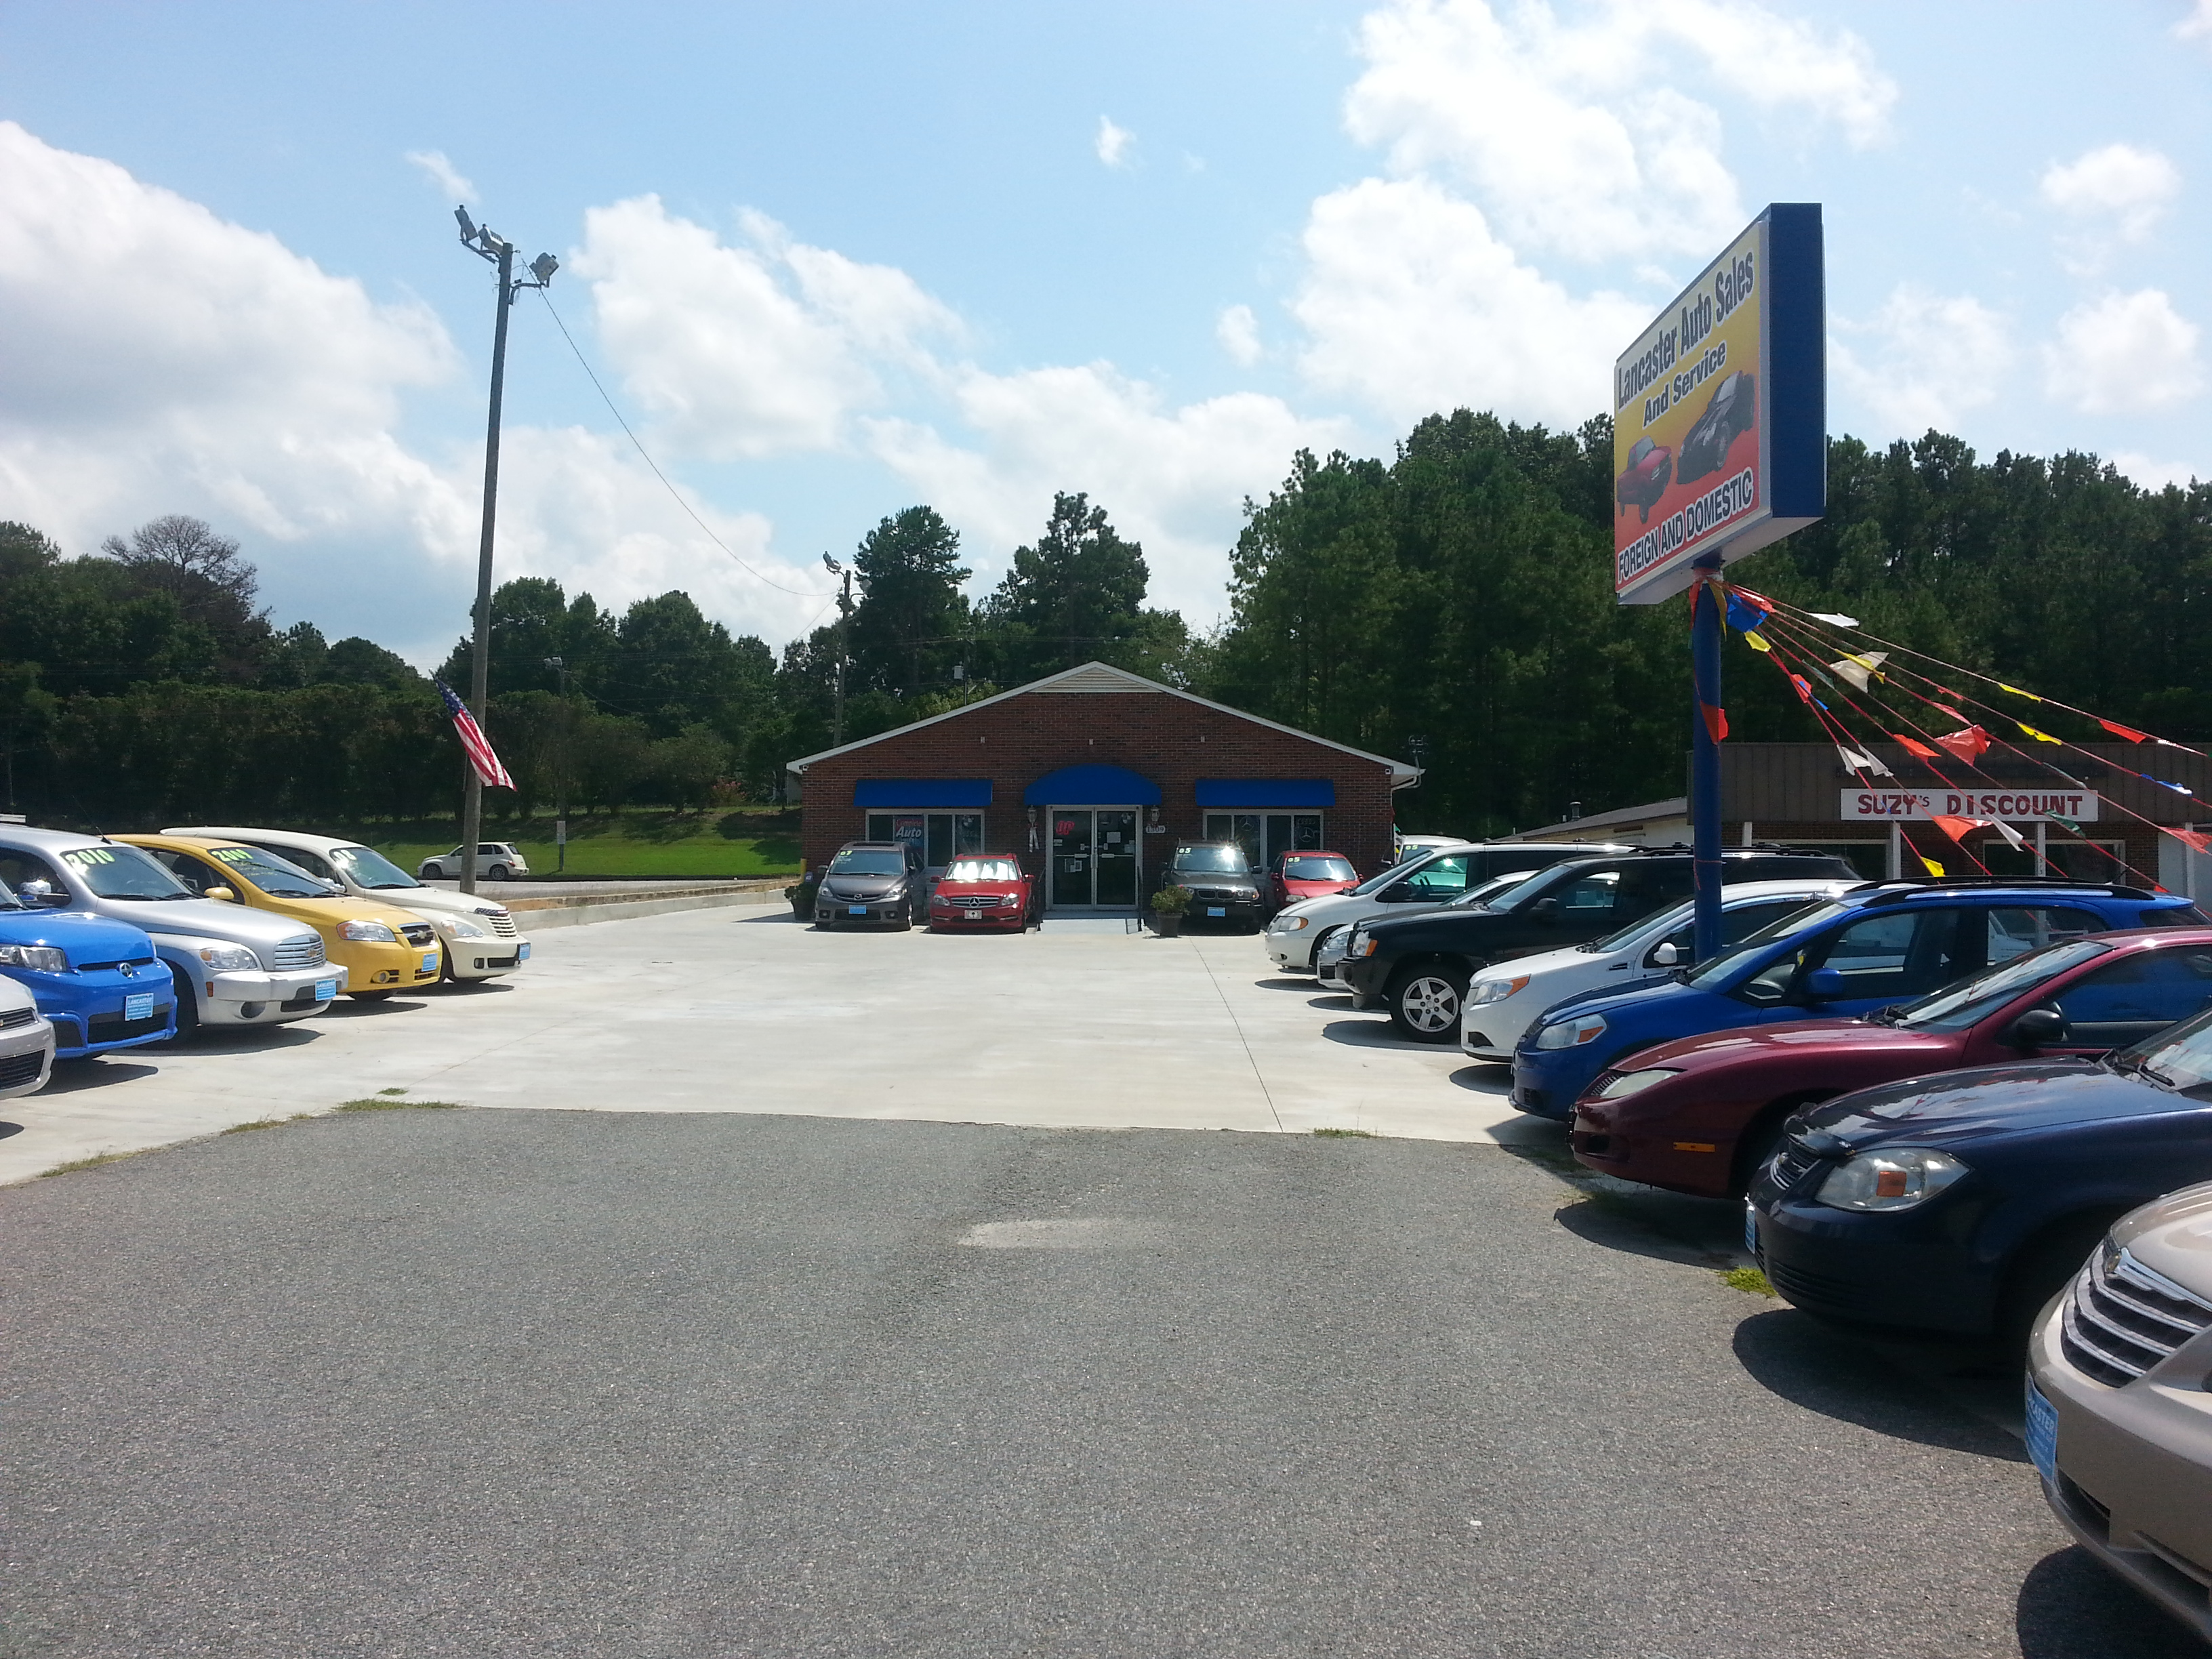 Lancaster Auto Sales & Service LLC image 5